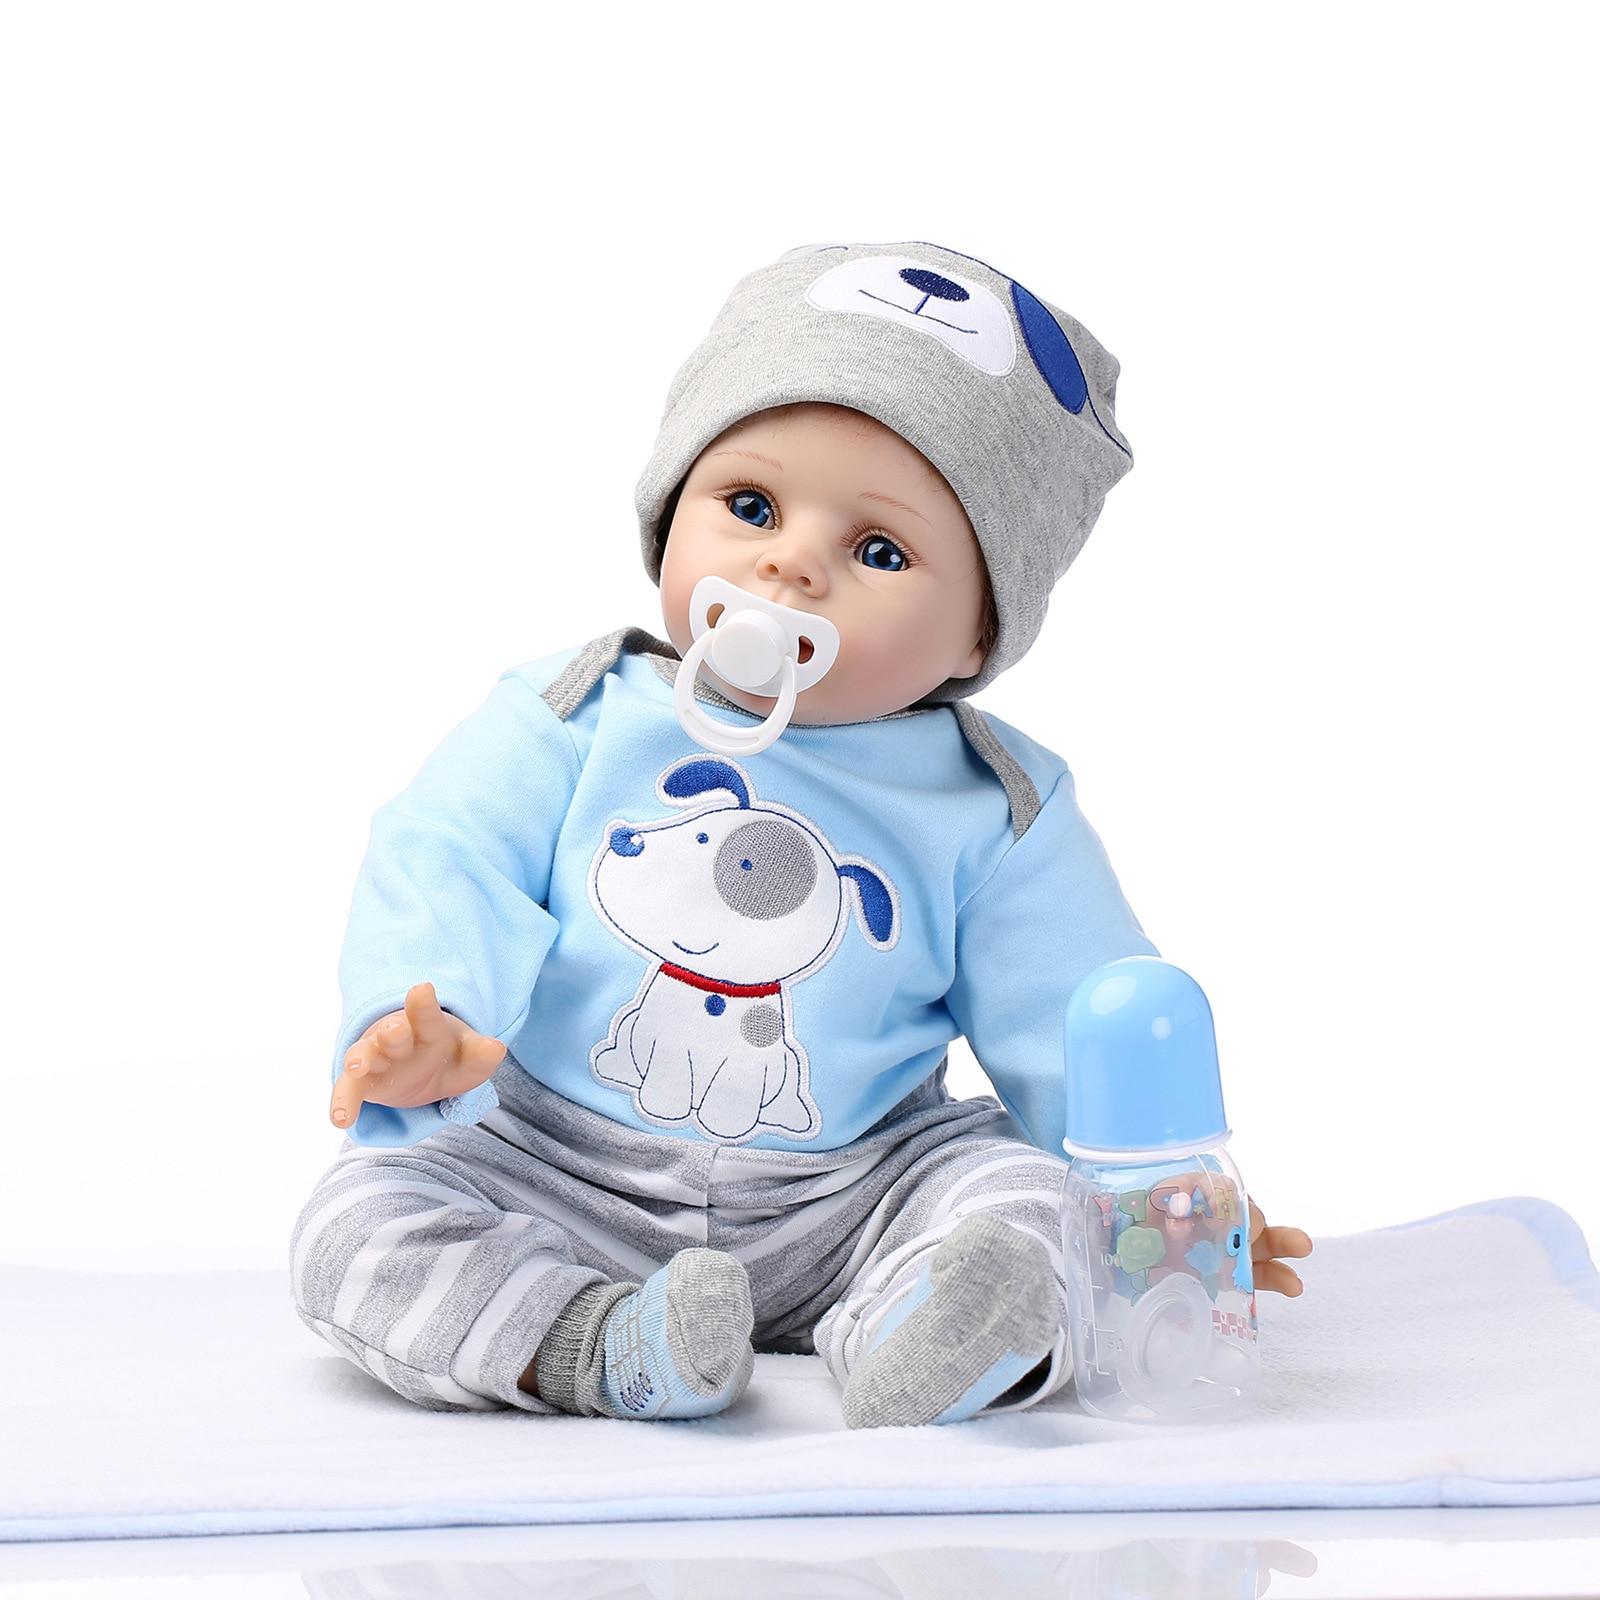 ღ Ƹ̵̡Ӝ̵̨̄Ʒ ღ55 cm silicona suave vinilo Muñecas reborn bebé hecho ...